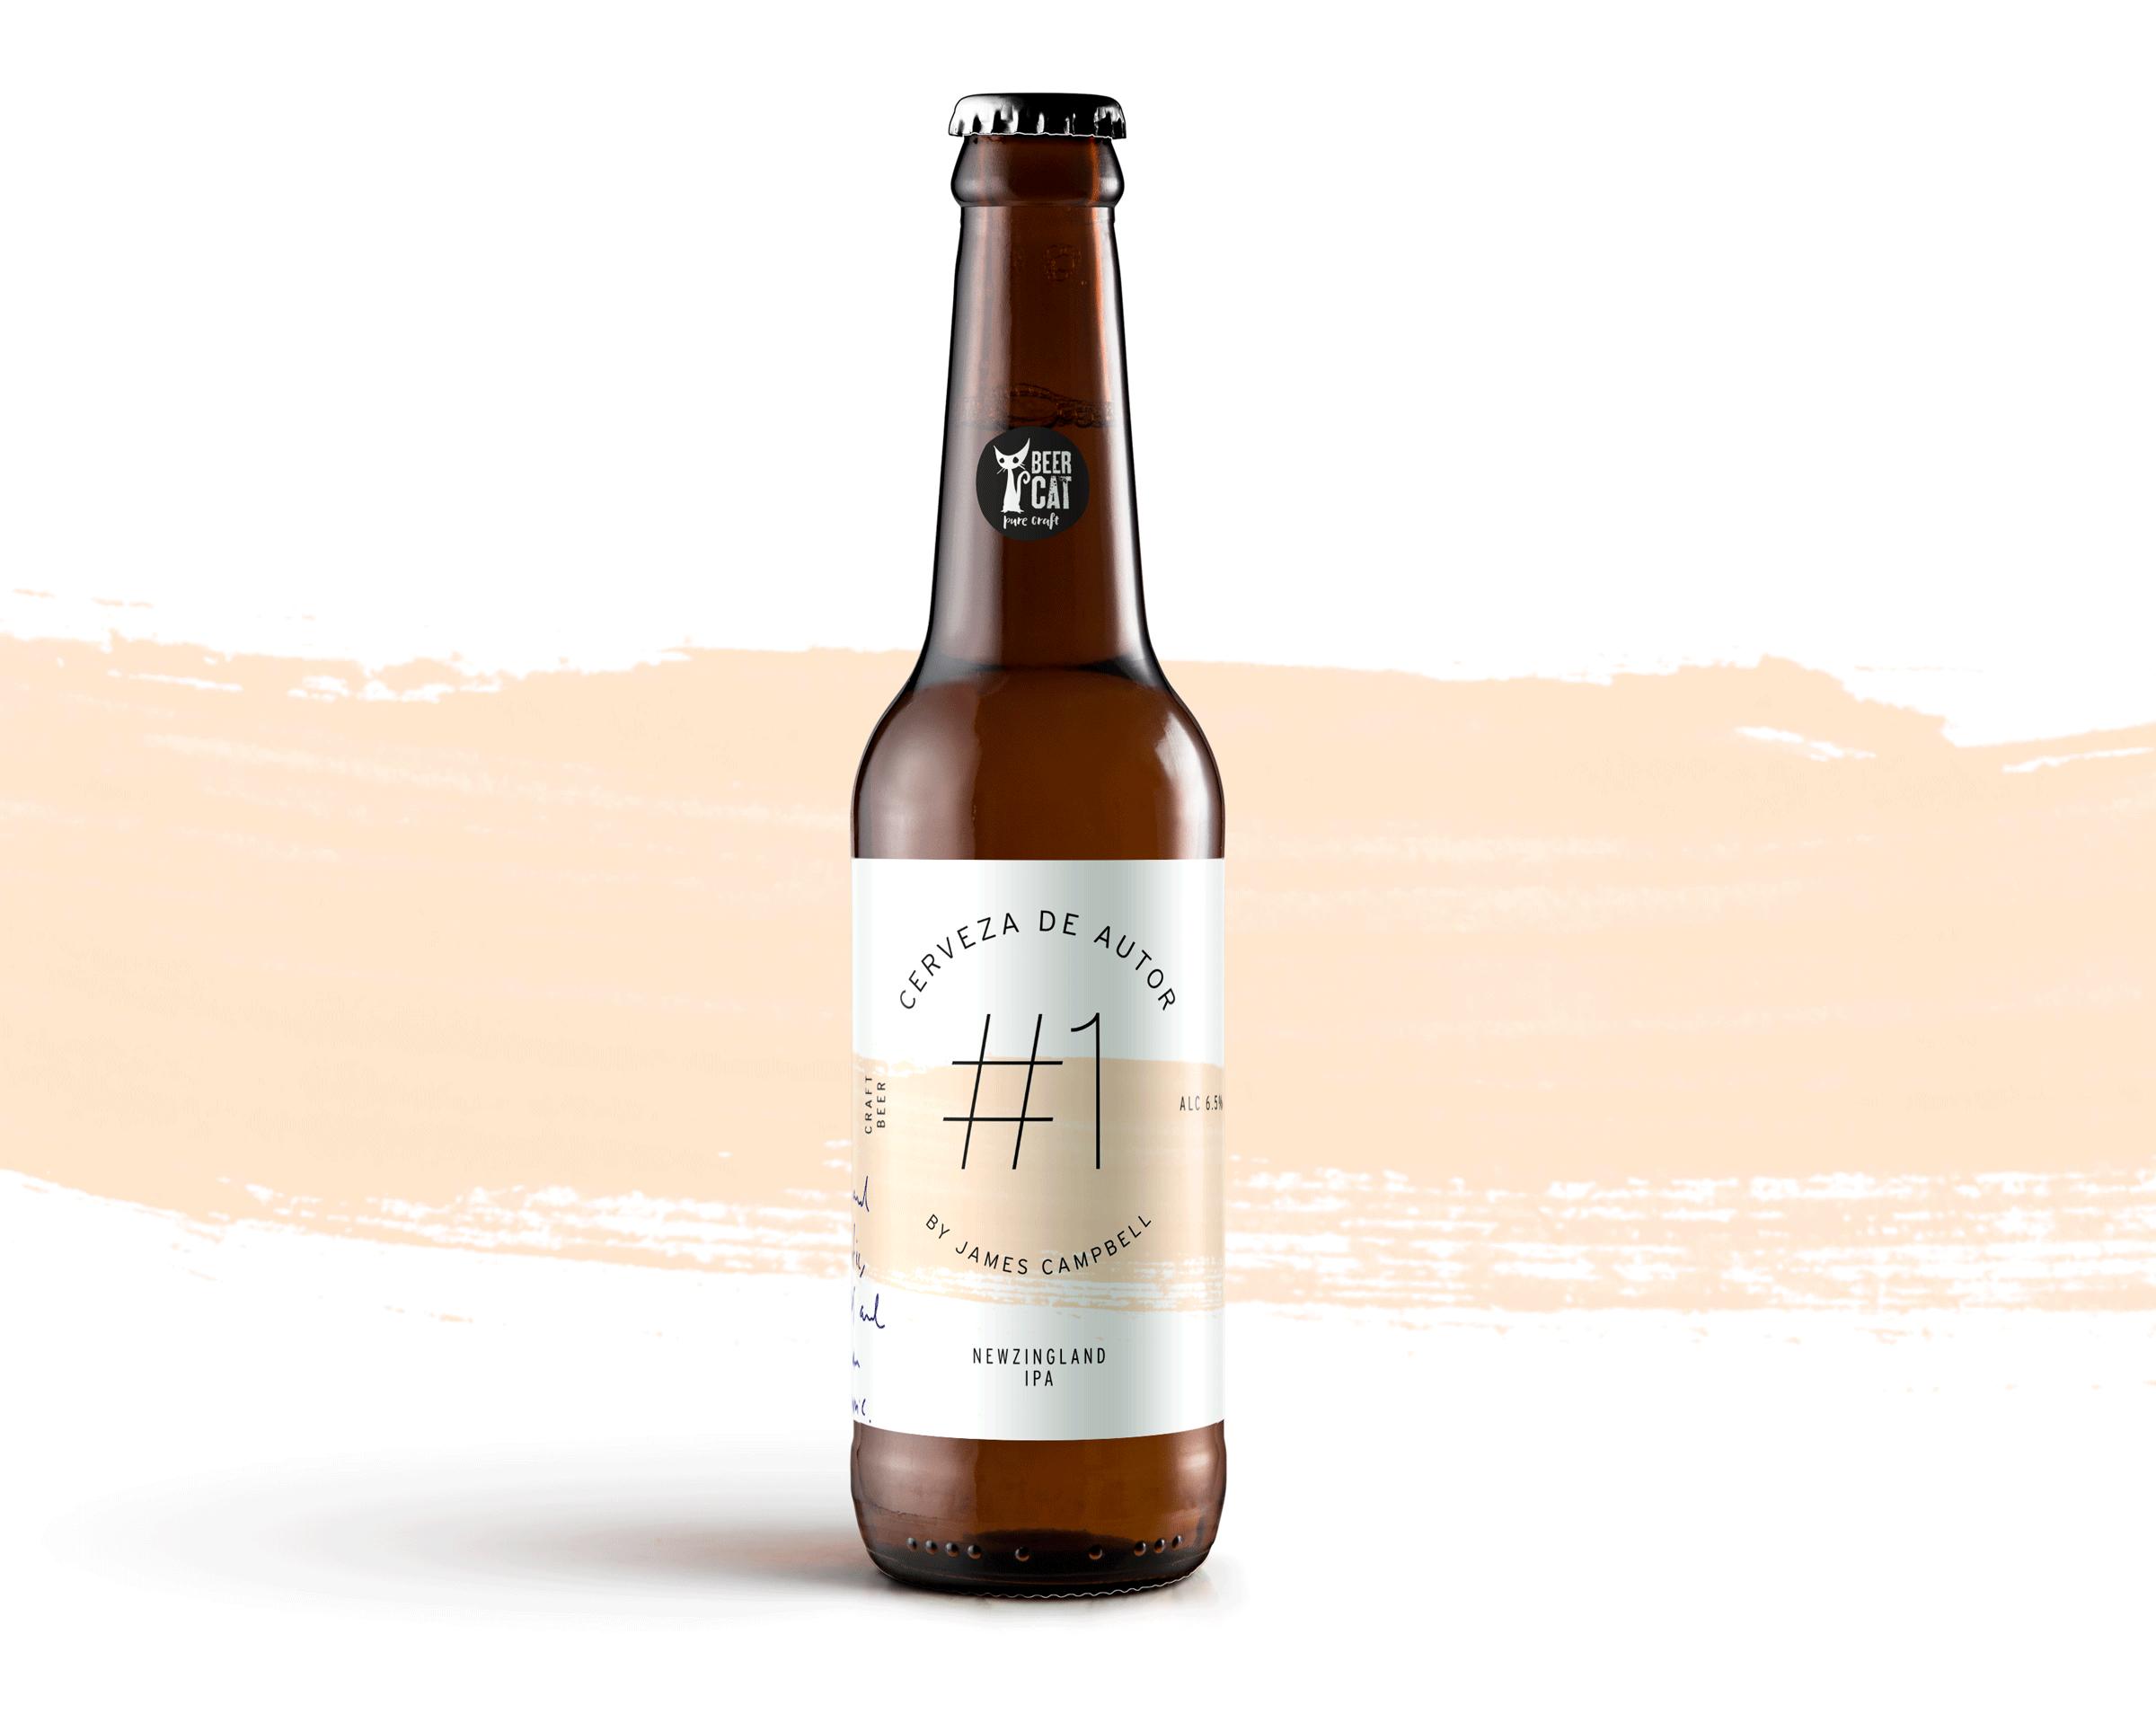 un beercat angels pinyol carla disculpi studio disseny grafic vilafranca penedes - BEERCAT - Disseny cerveses artesanals d'autor Vilafranca del Penedès